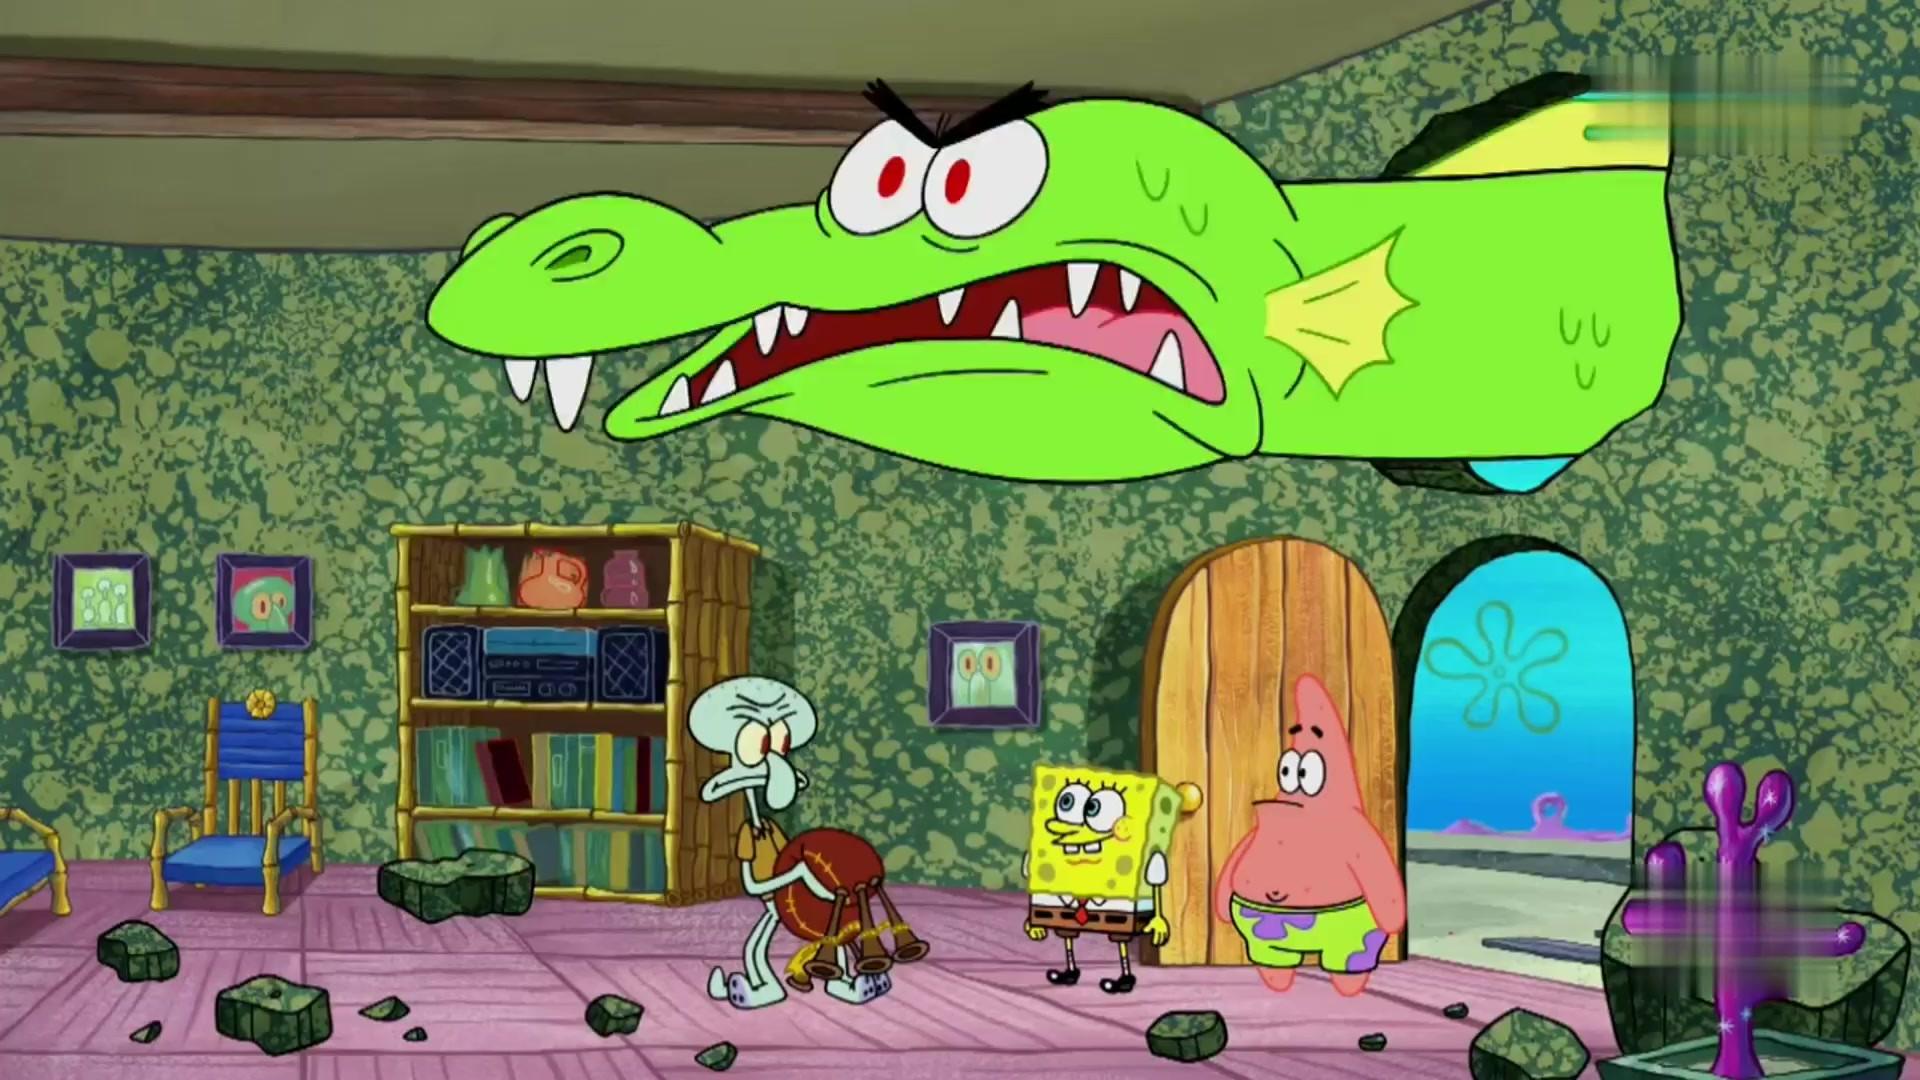 海绵宝宝:海绵宝宝和派大星找到水怪,带回章鱼哥家里